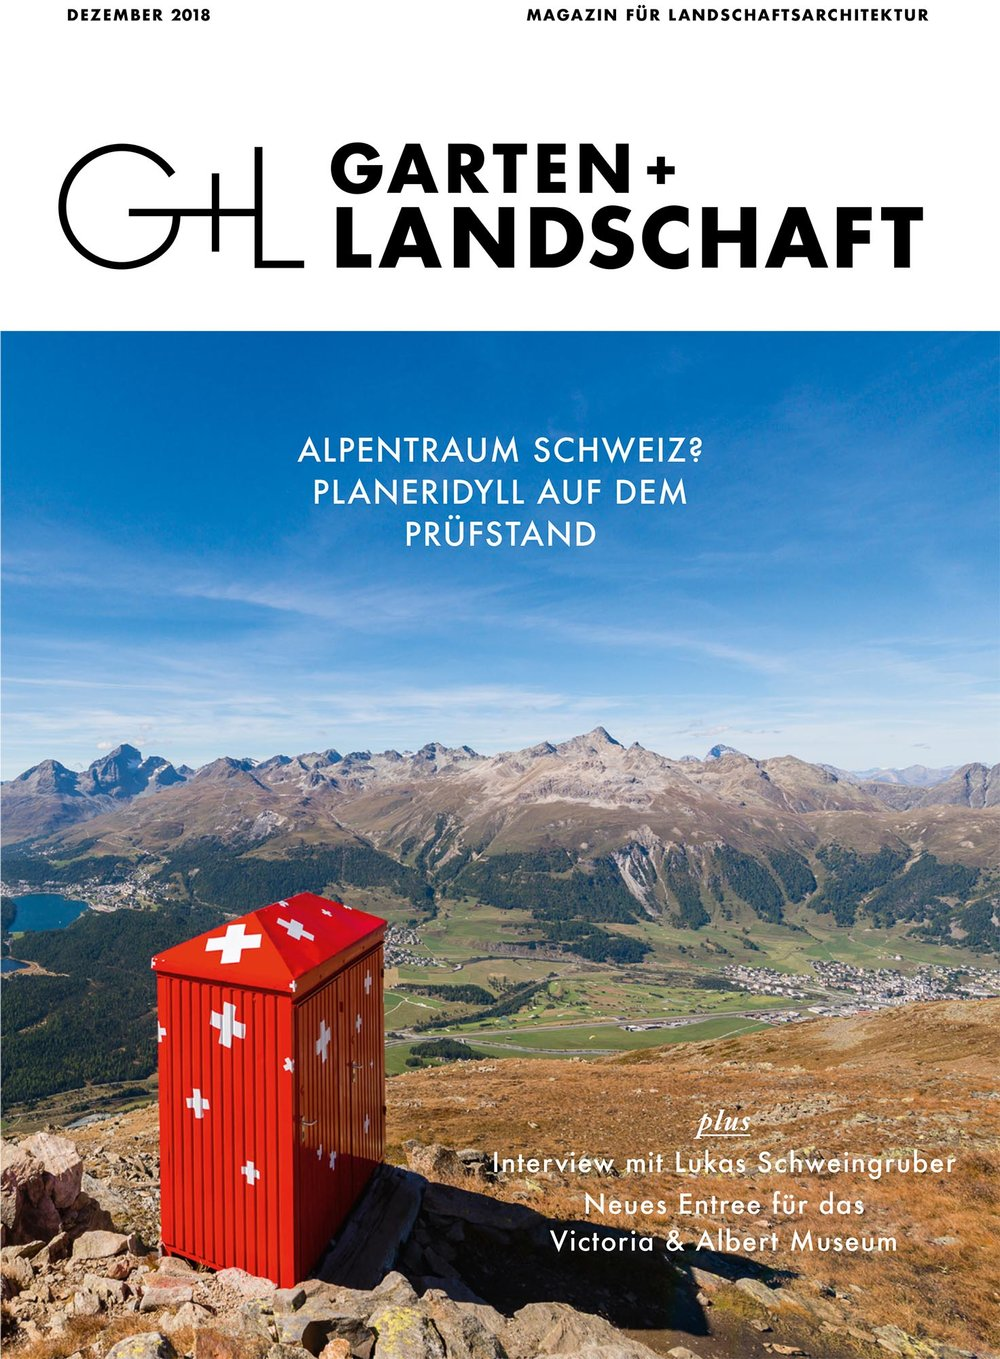 Adieu Heidiland  Jan Stadelmann & Daia Stutz in: Garten + Landschaft 12/2018: Alpentraum Schweiz? Planeridyll auf dem Prüfstand Callwey Verlag, 2018 ► Artikel